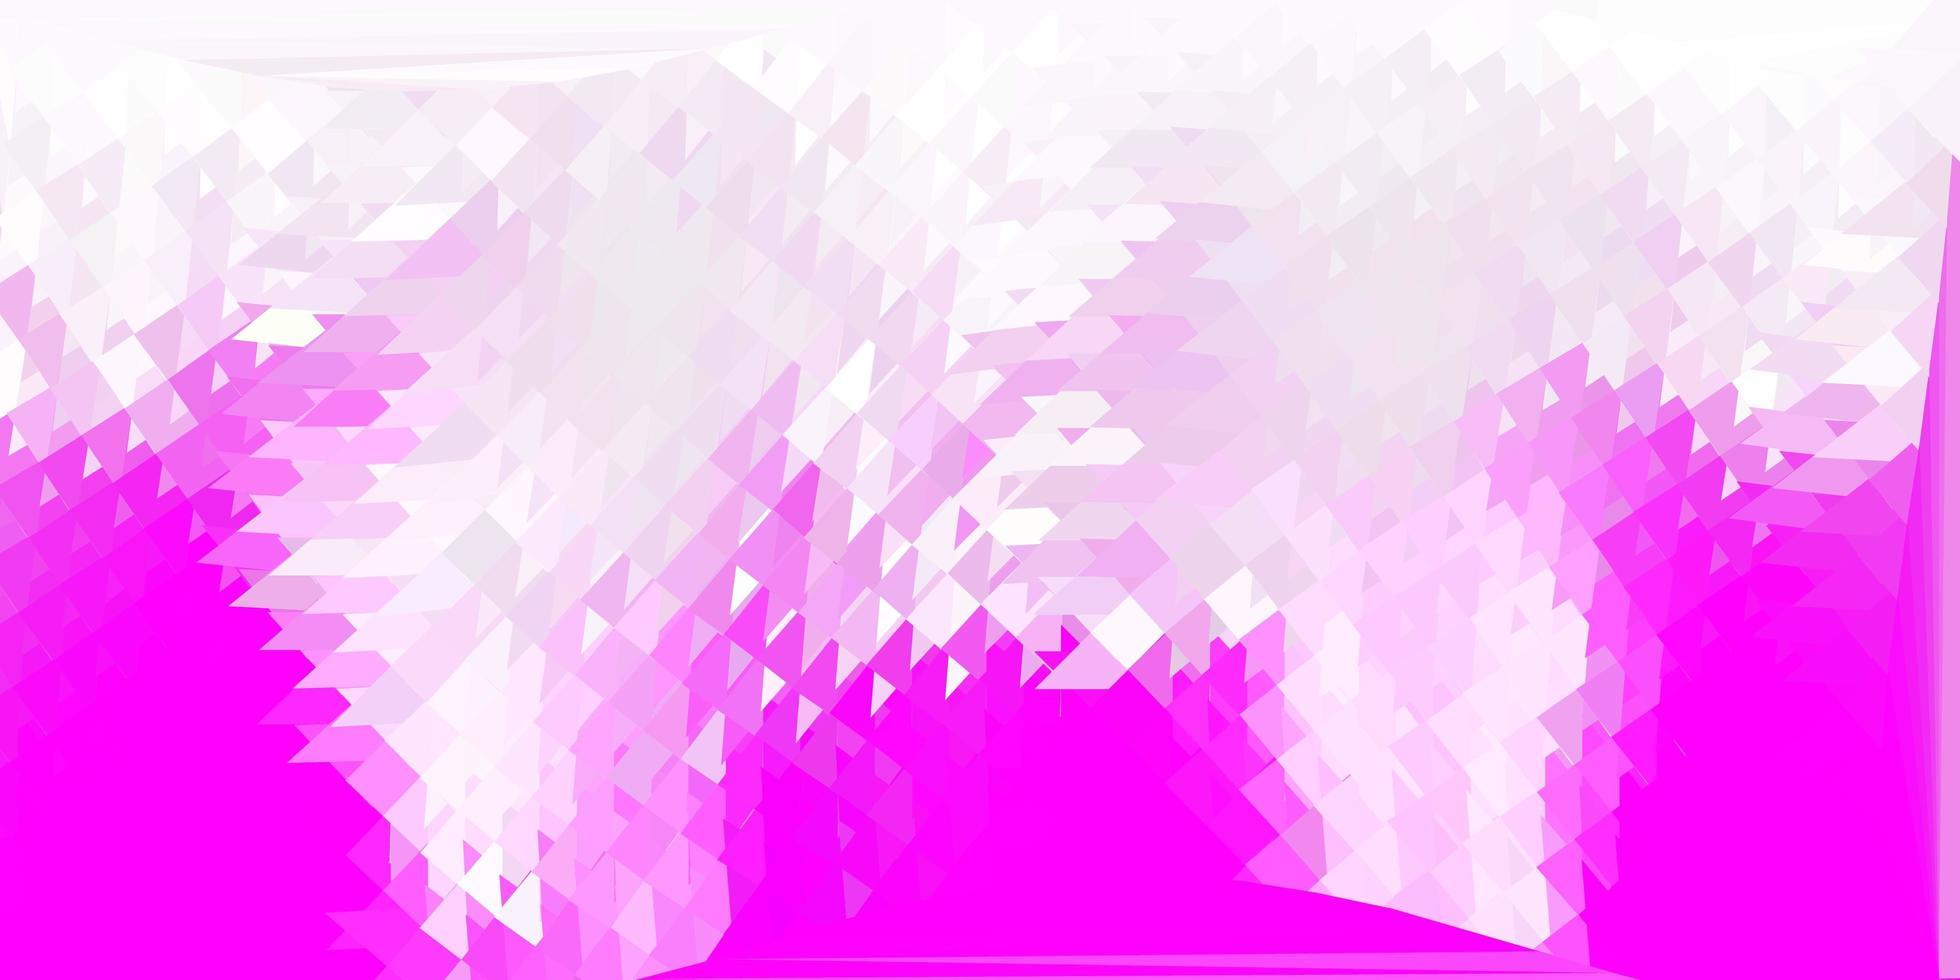 diseño de triángulo de poli vector rosa claro.